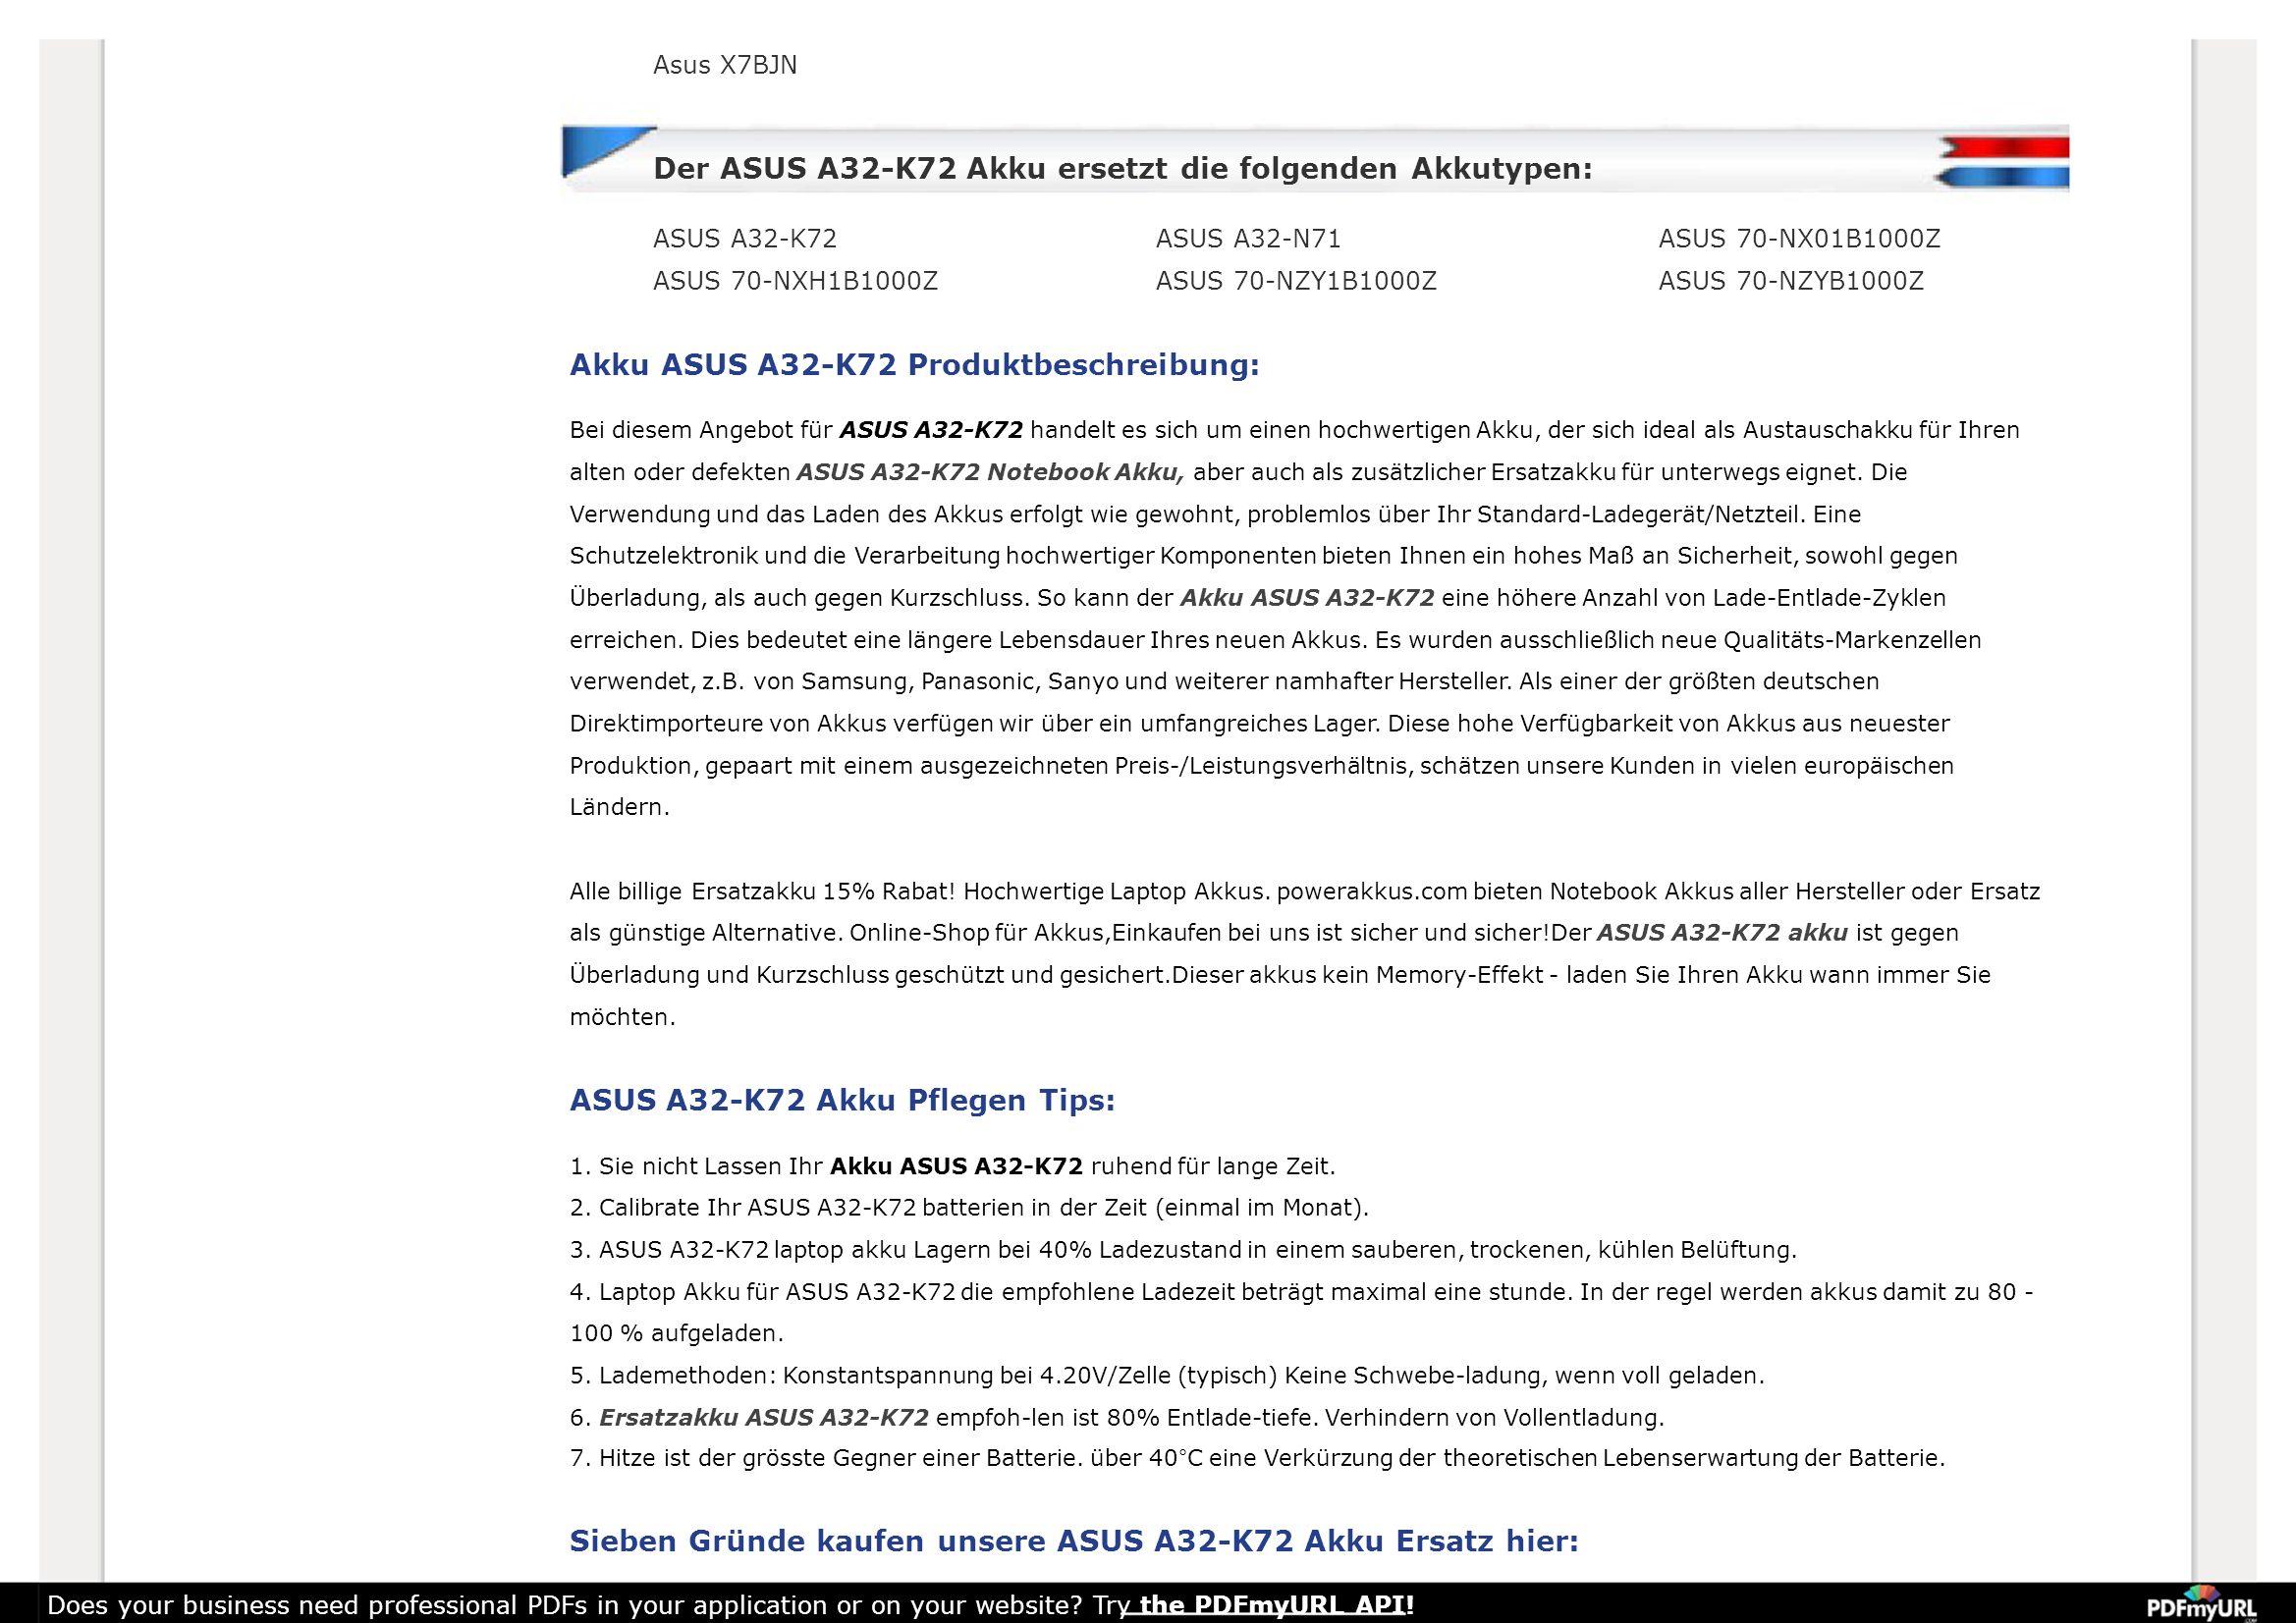 Asus X7BJN Der ASUS A32-K72 Akku ersetzt die folgenden Akkutypen: ASUS A32-K72 ASUS 70-NXH1B1000Z ASUS A32-N71 ASUS 70-NZY1B1000Z ASUS 70-NX01B1000Z A